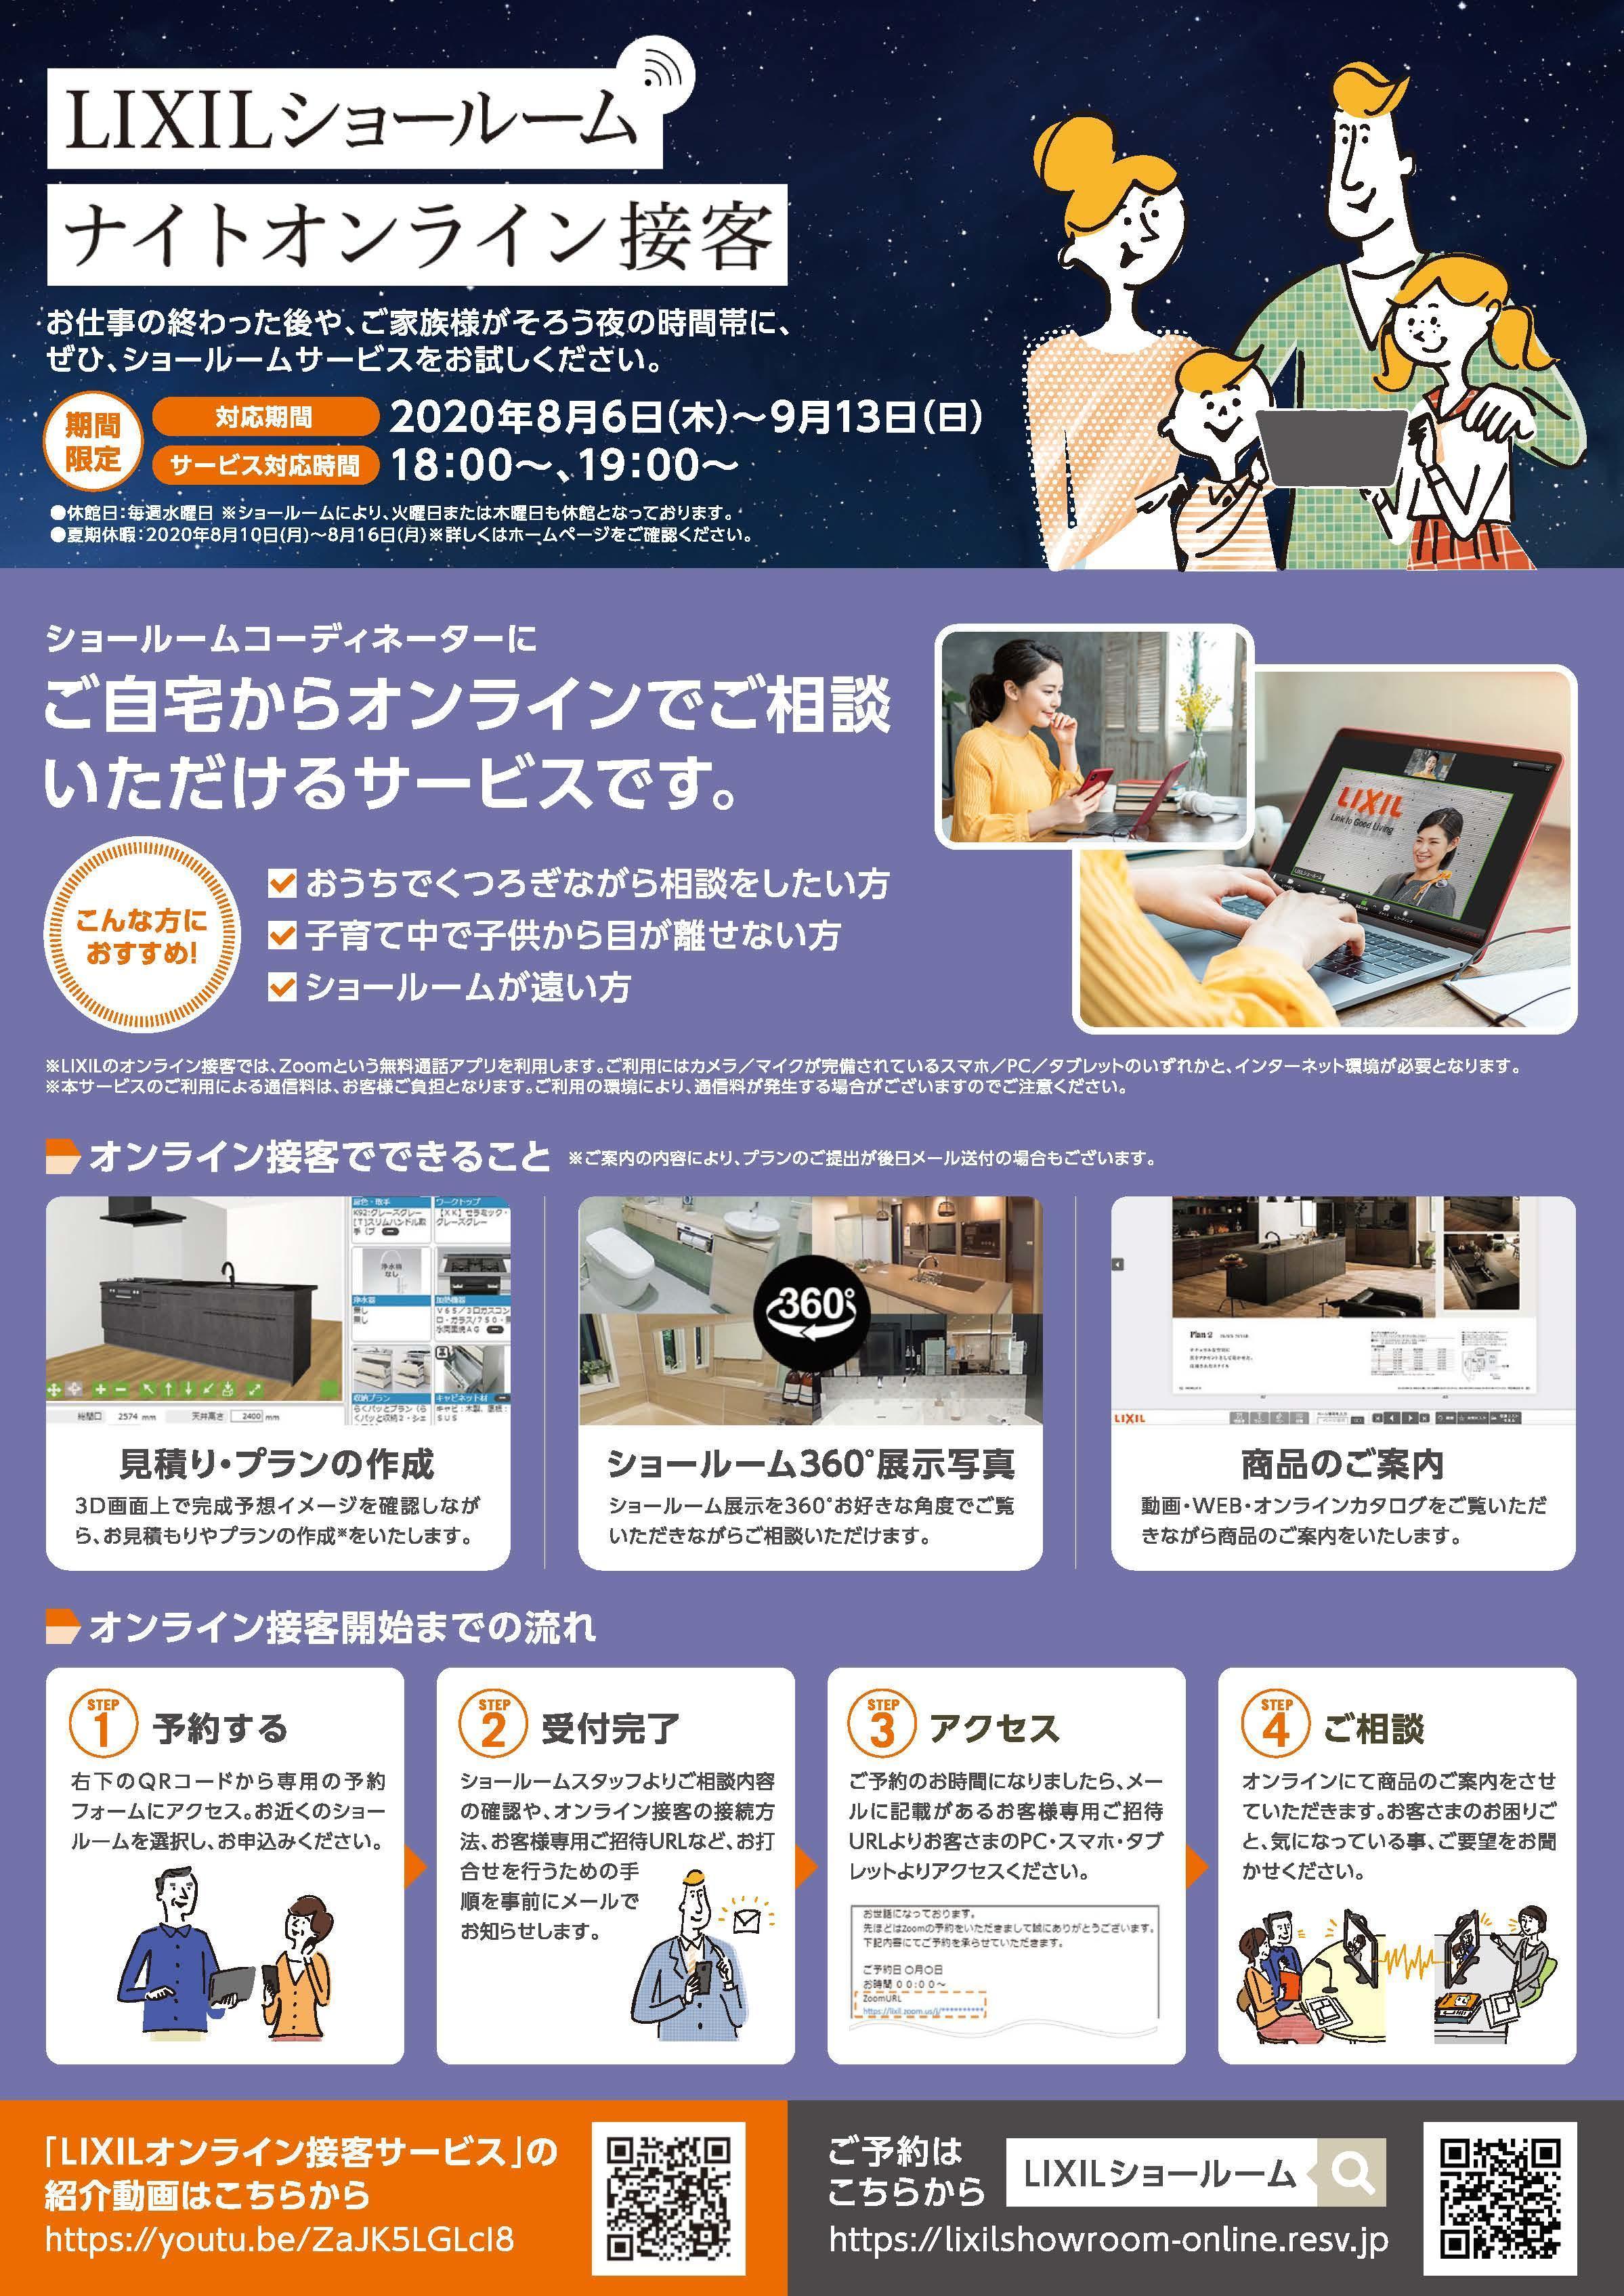 LIXIL_web.jpg